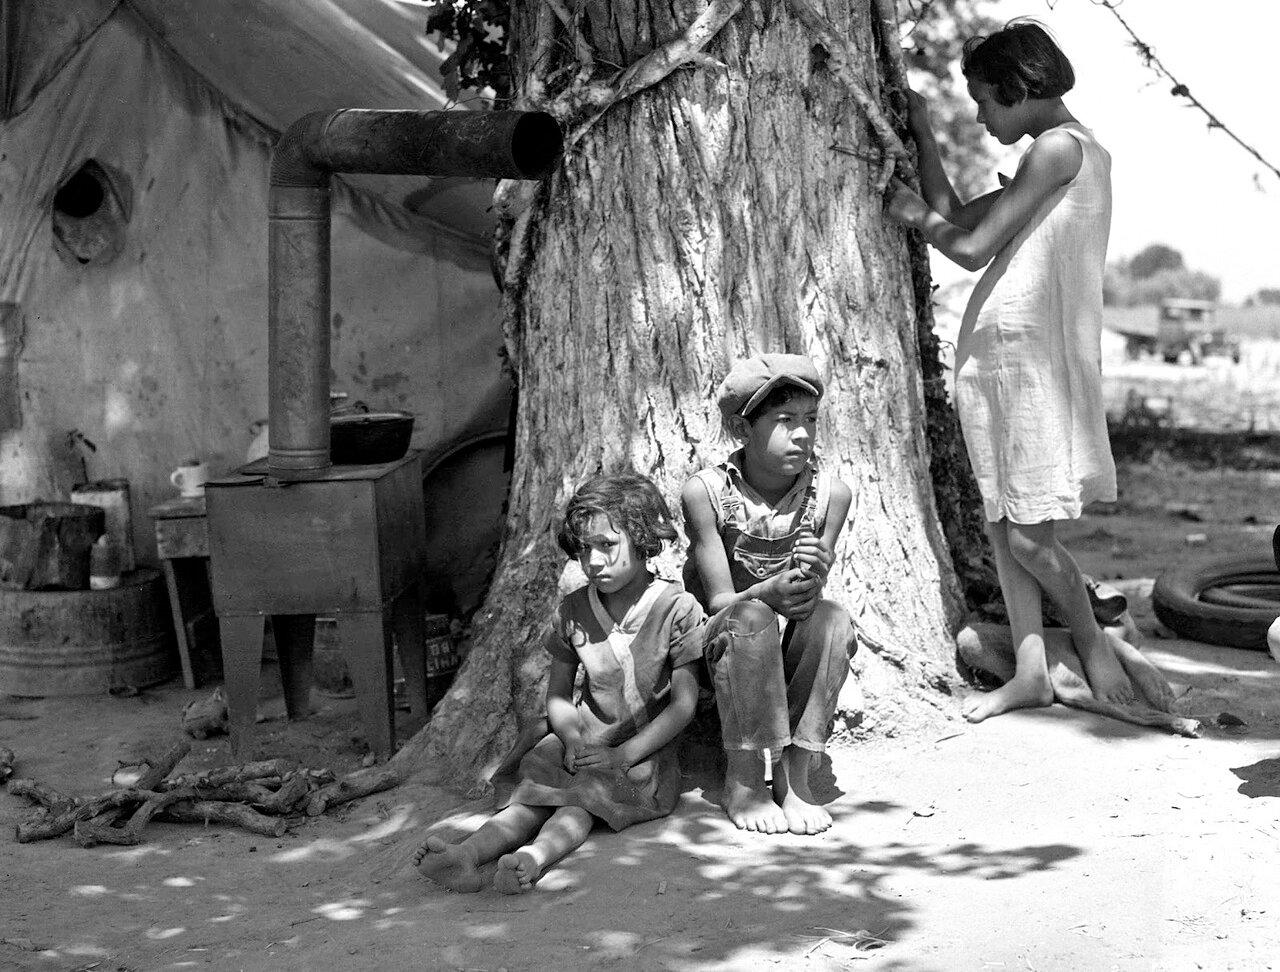 Потерявшие мать дети мигрантов. Они работают на хлопковом поле, 1936